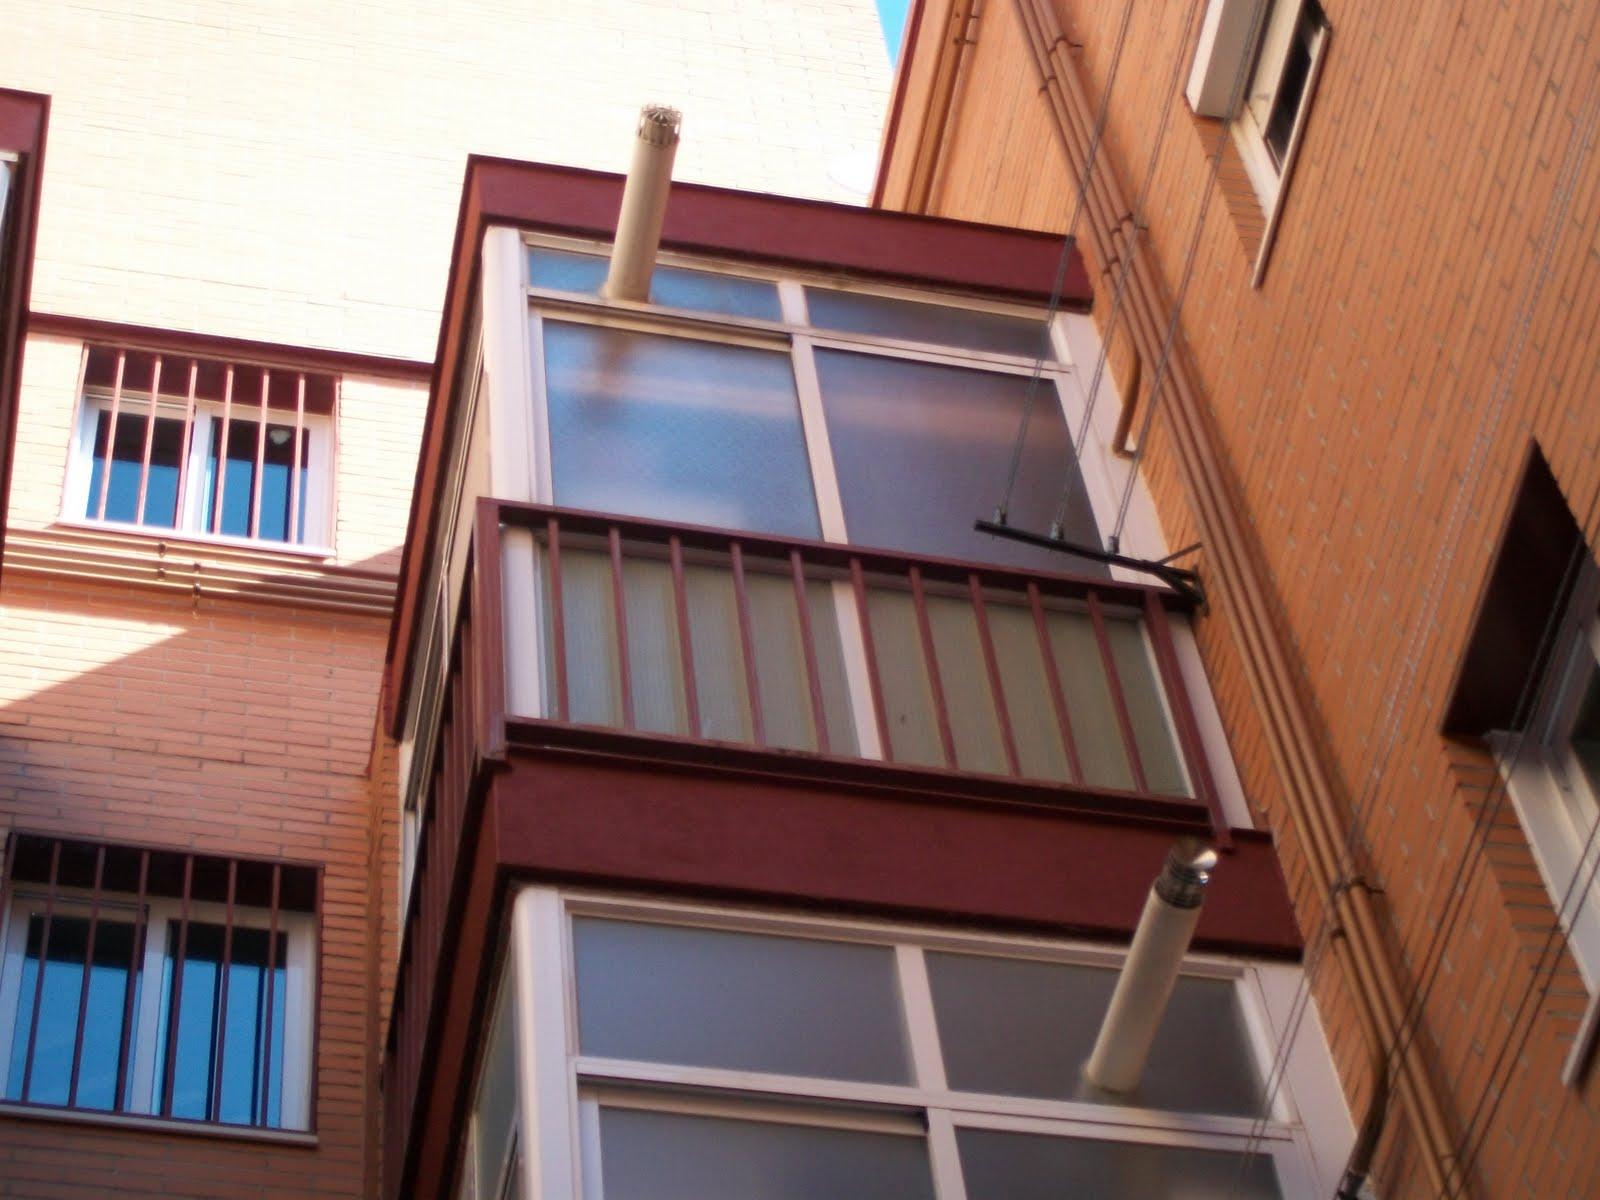 Pintar patios tendederos fachadas terrazas y cornisas - Fachadas para terrazas ...